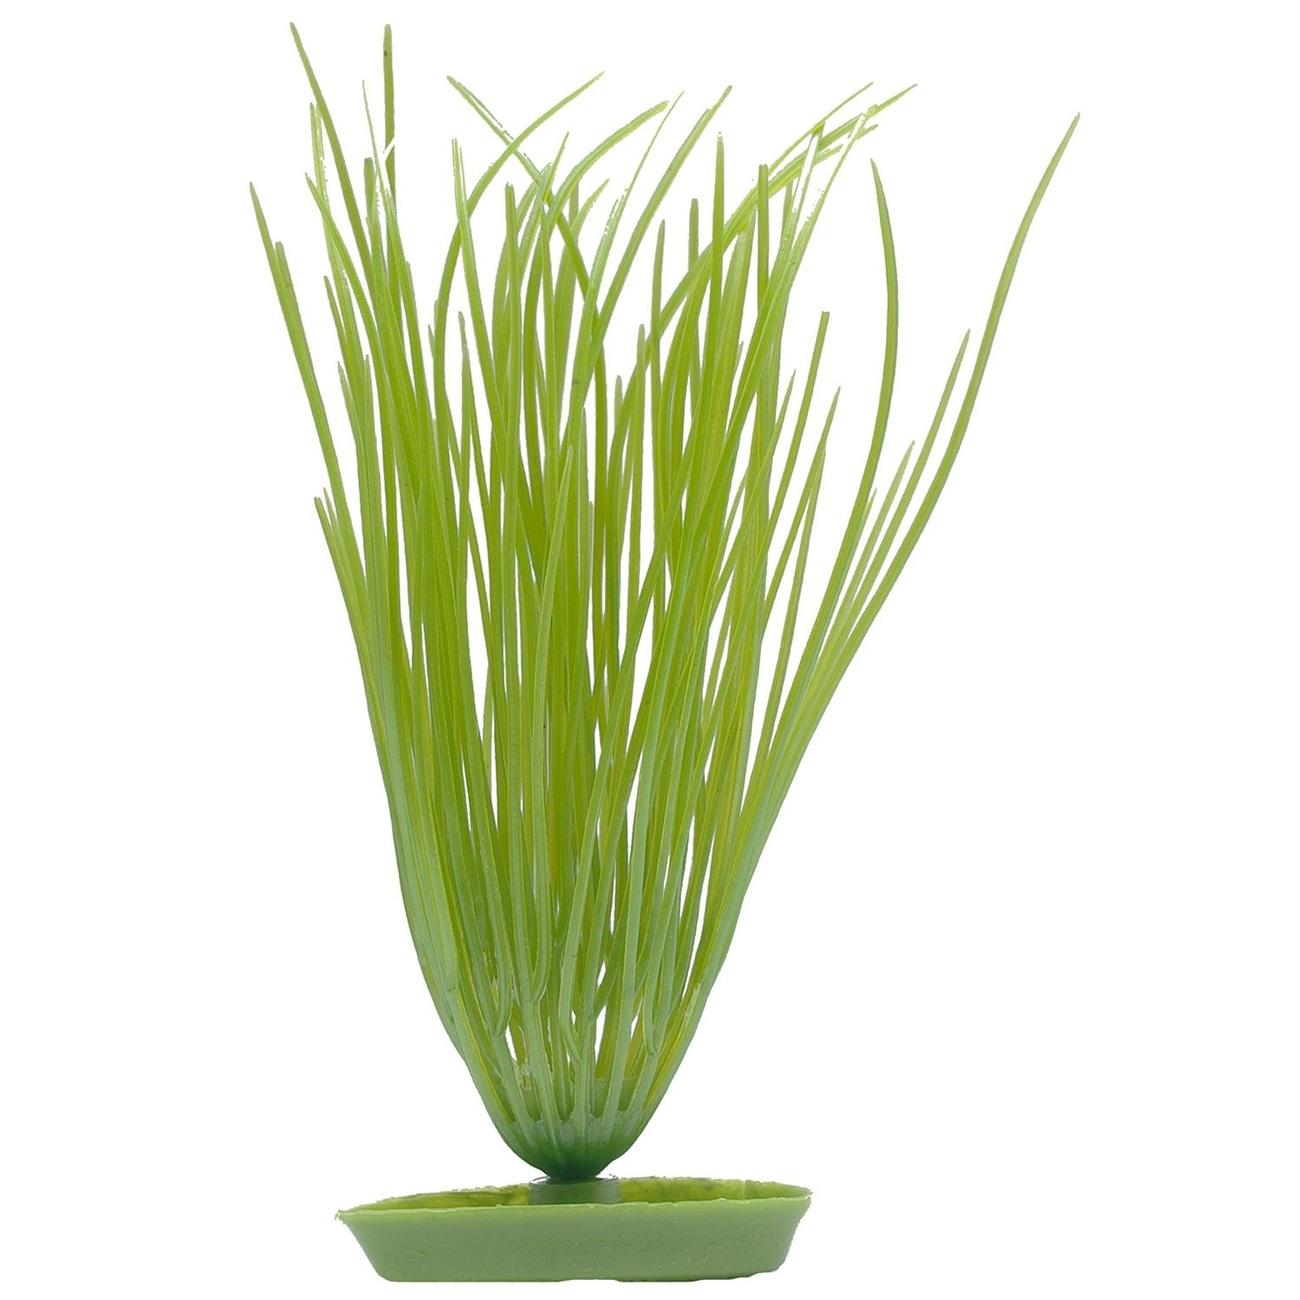 Marina Aquascaper Pflanzen bis 20 cm, Bild 4